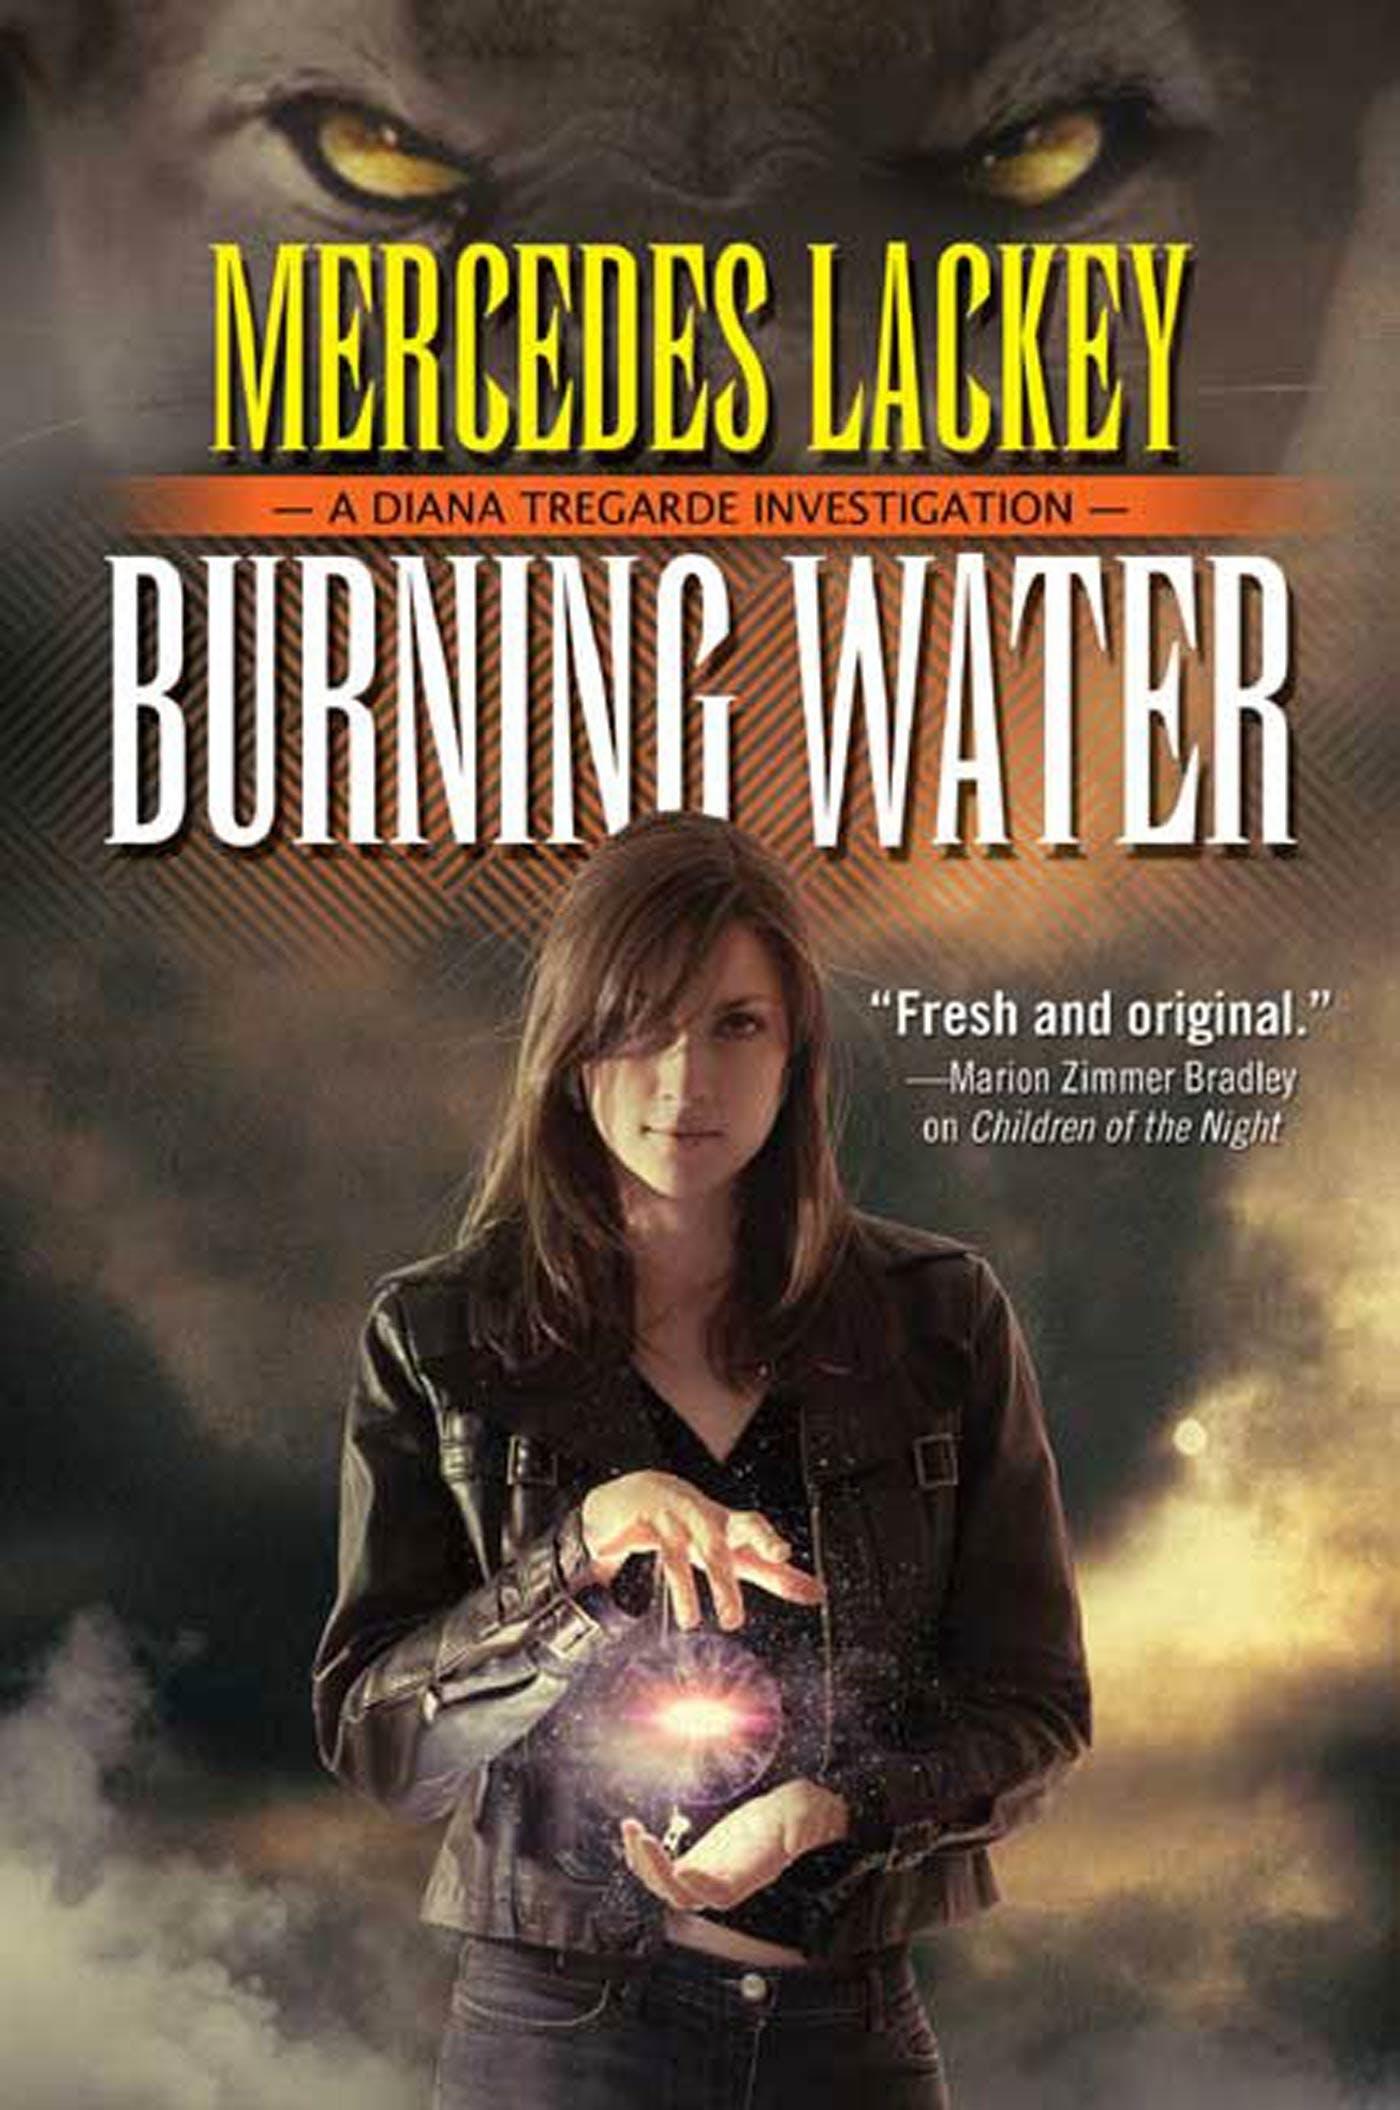 Image of Burning Water